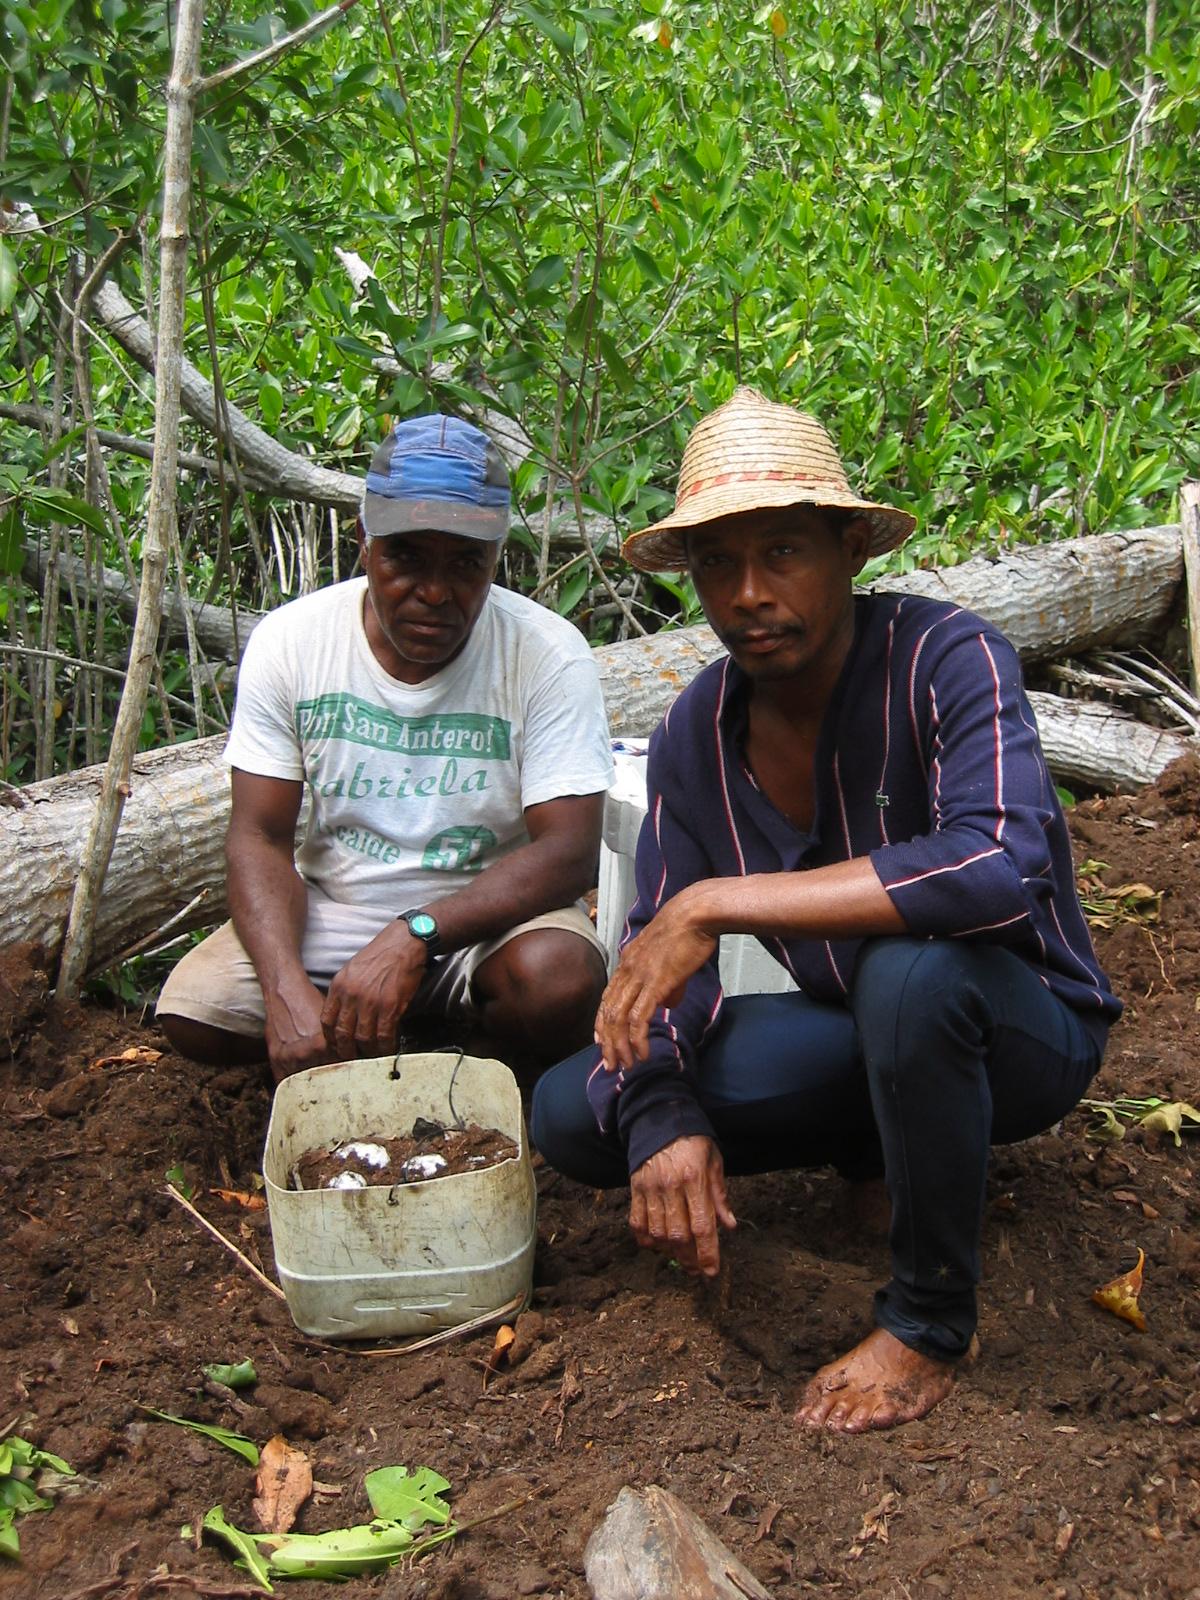 Recolectores de nidos de caimán aguja en Cispatá. Foto: Gavierofilms.